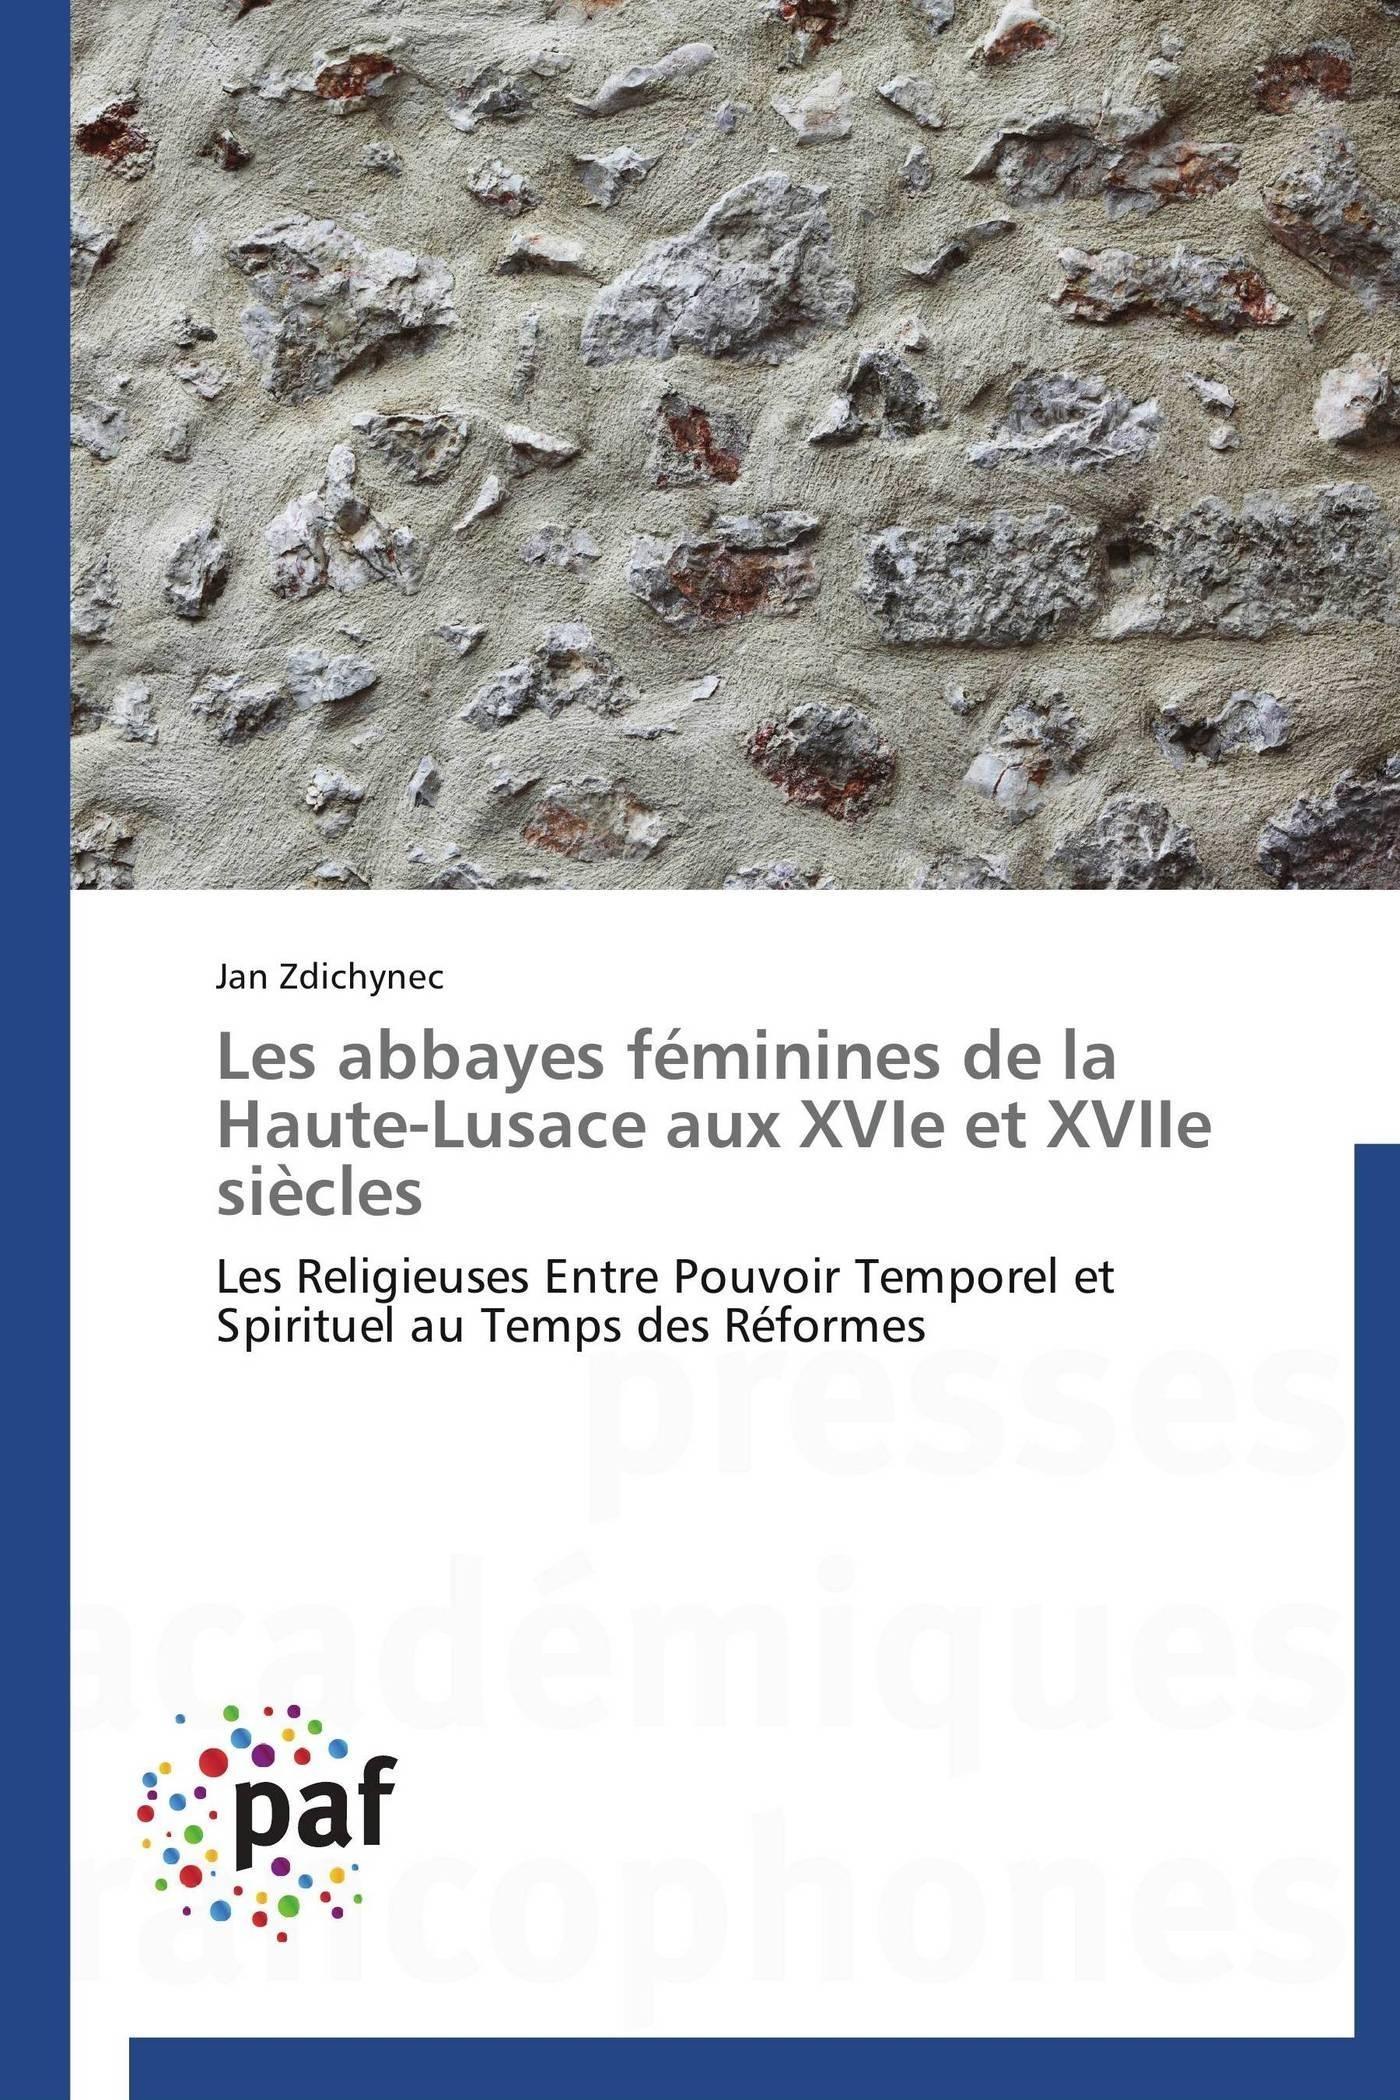 LES ABBAYES FEMININES DE LA HAUTE-LUSACE AUX XVIE ET XVIIE SIECLES